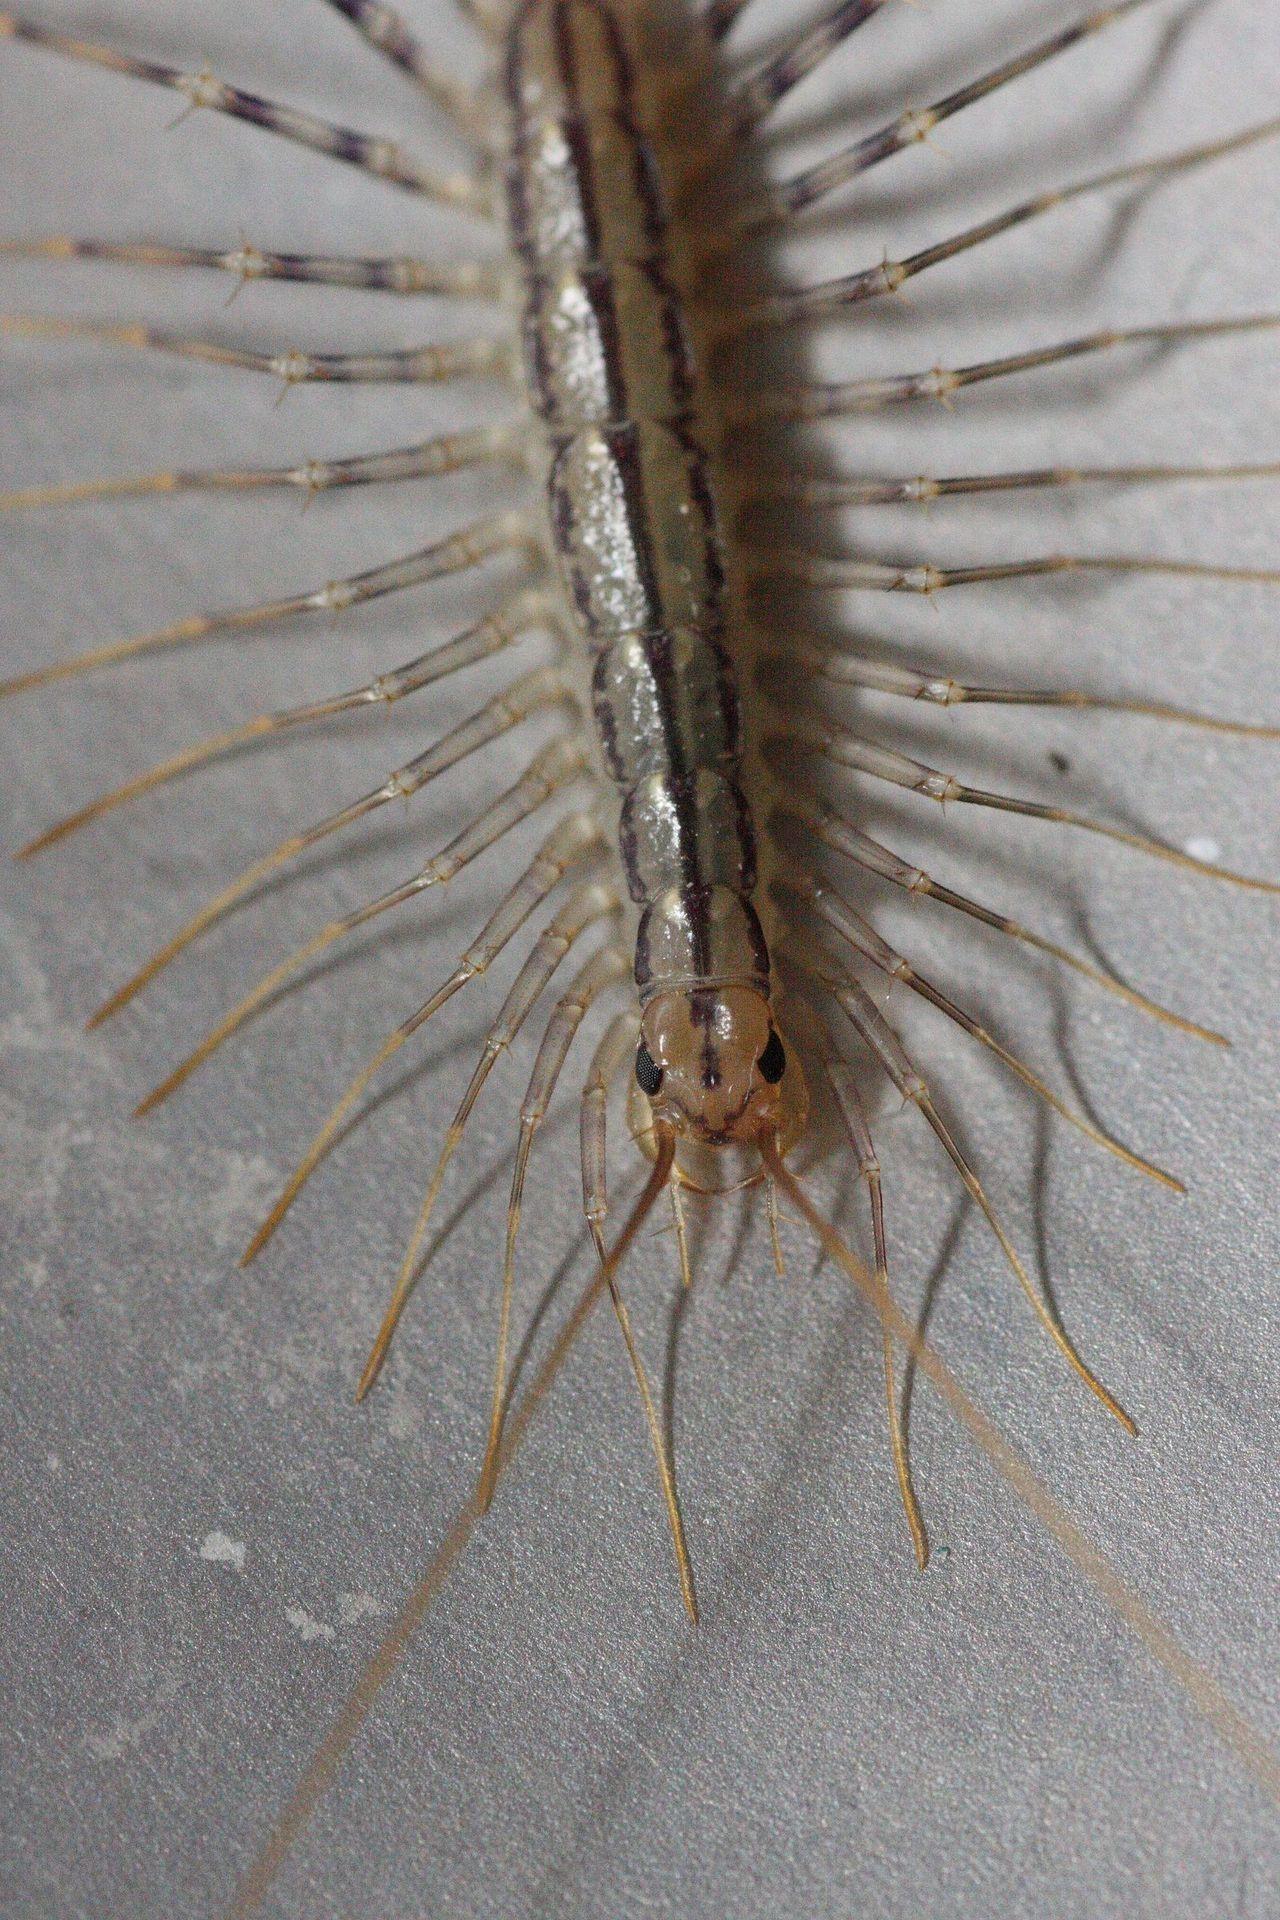 Гигантская сколопендра внешний вид и укус противного насекомого